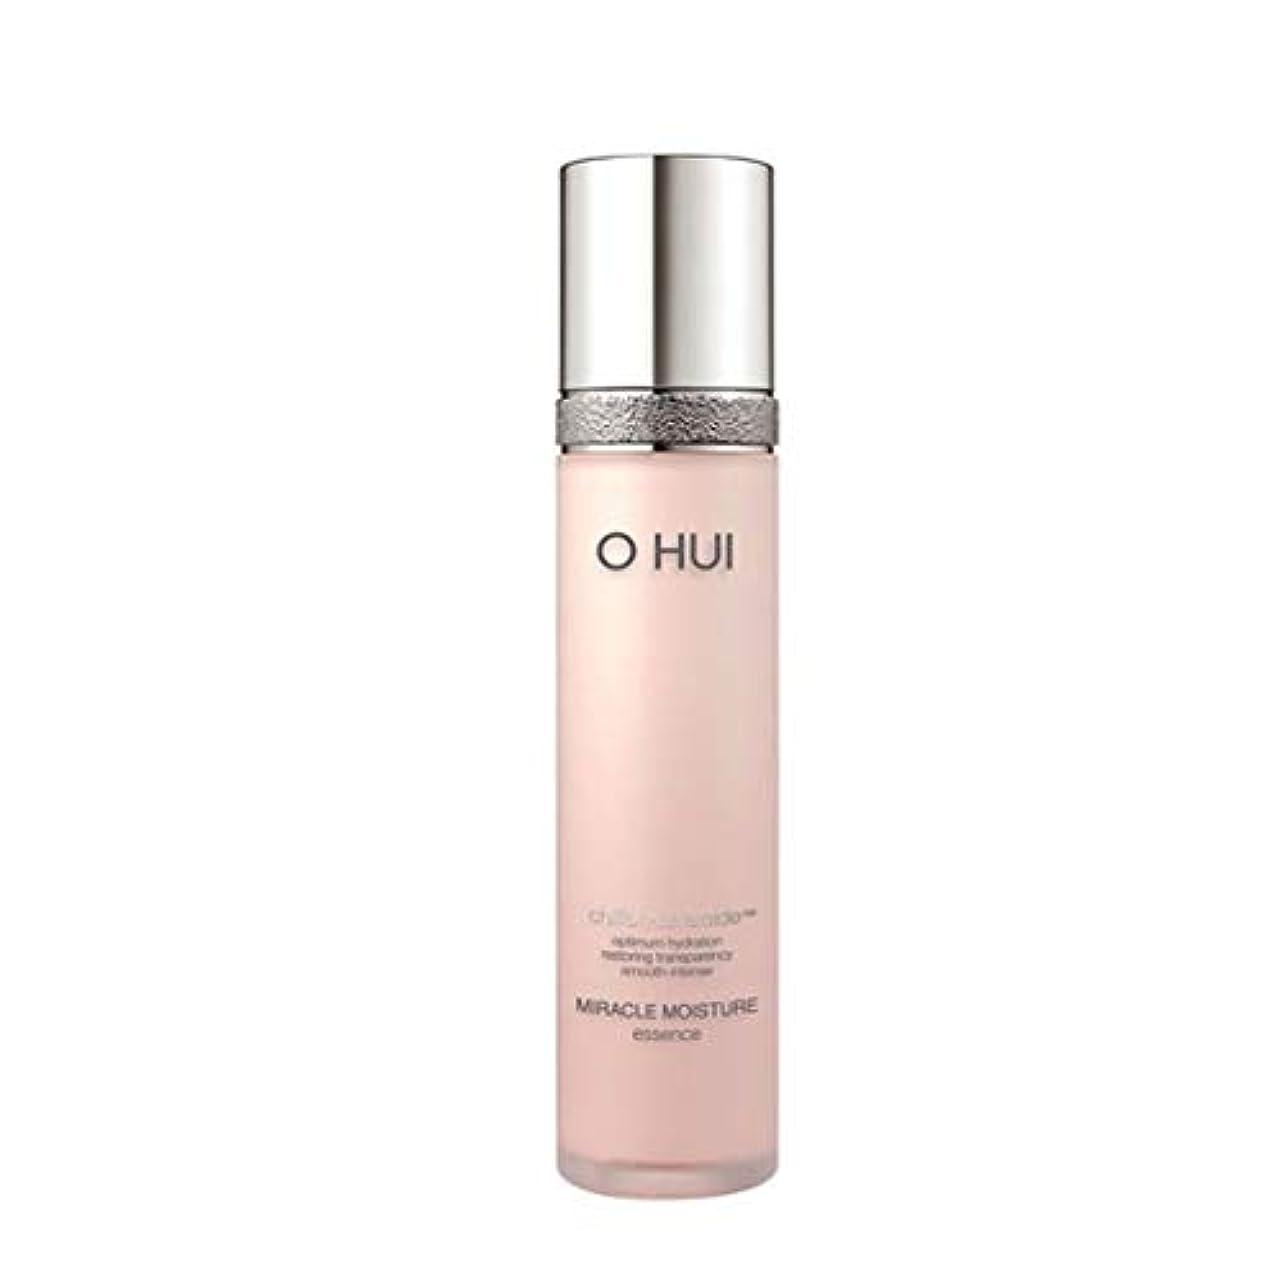 速度一杯モルヒネオフィミラクルモイスチャーエッセンス45ml韓国コスメ、O Hui Miracle Moisture Essence 45ml Korean Cosmetics [並行輸入品]